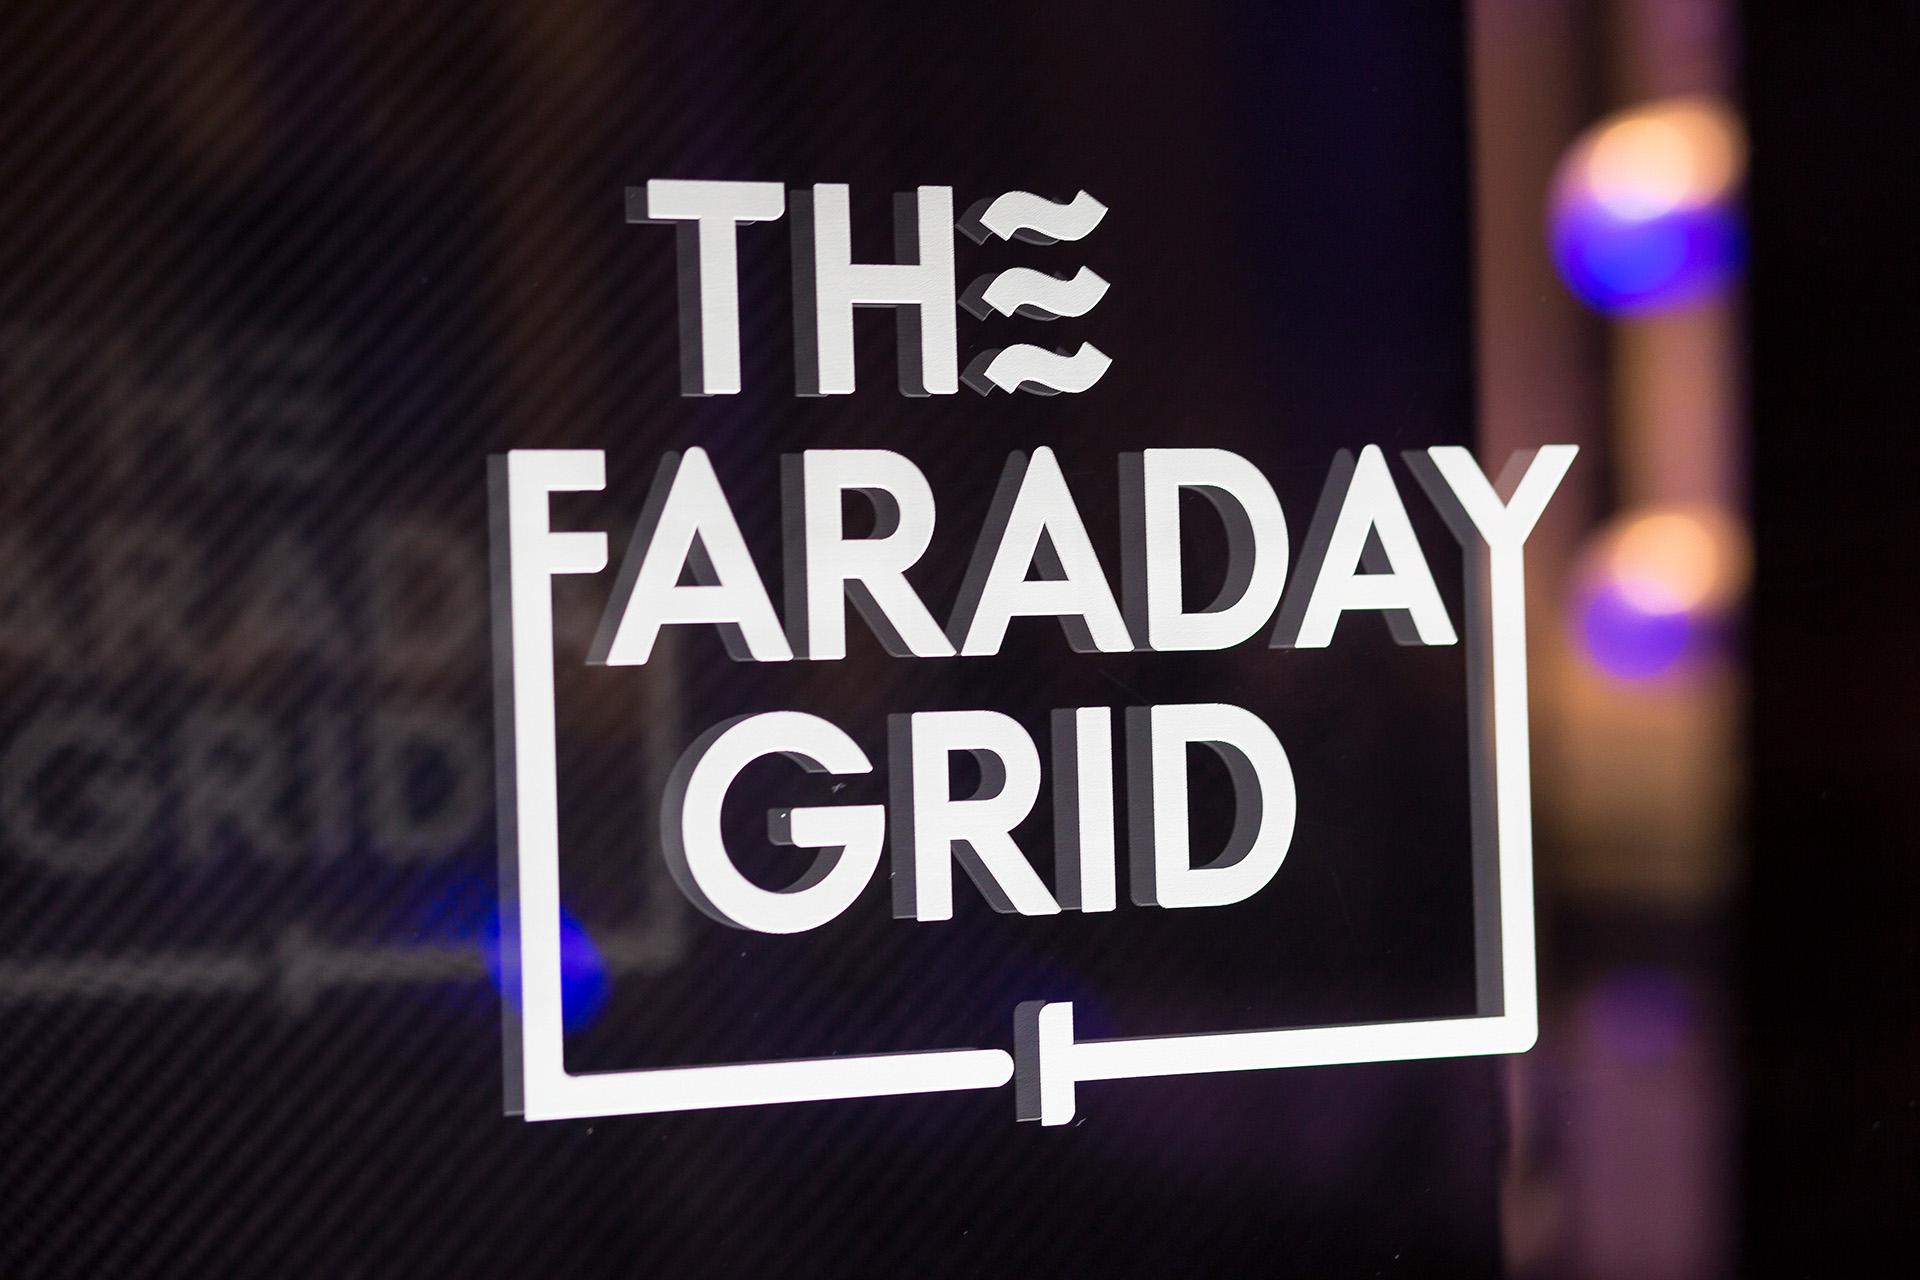 FaradayGrid_LowRes_172.jpg